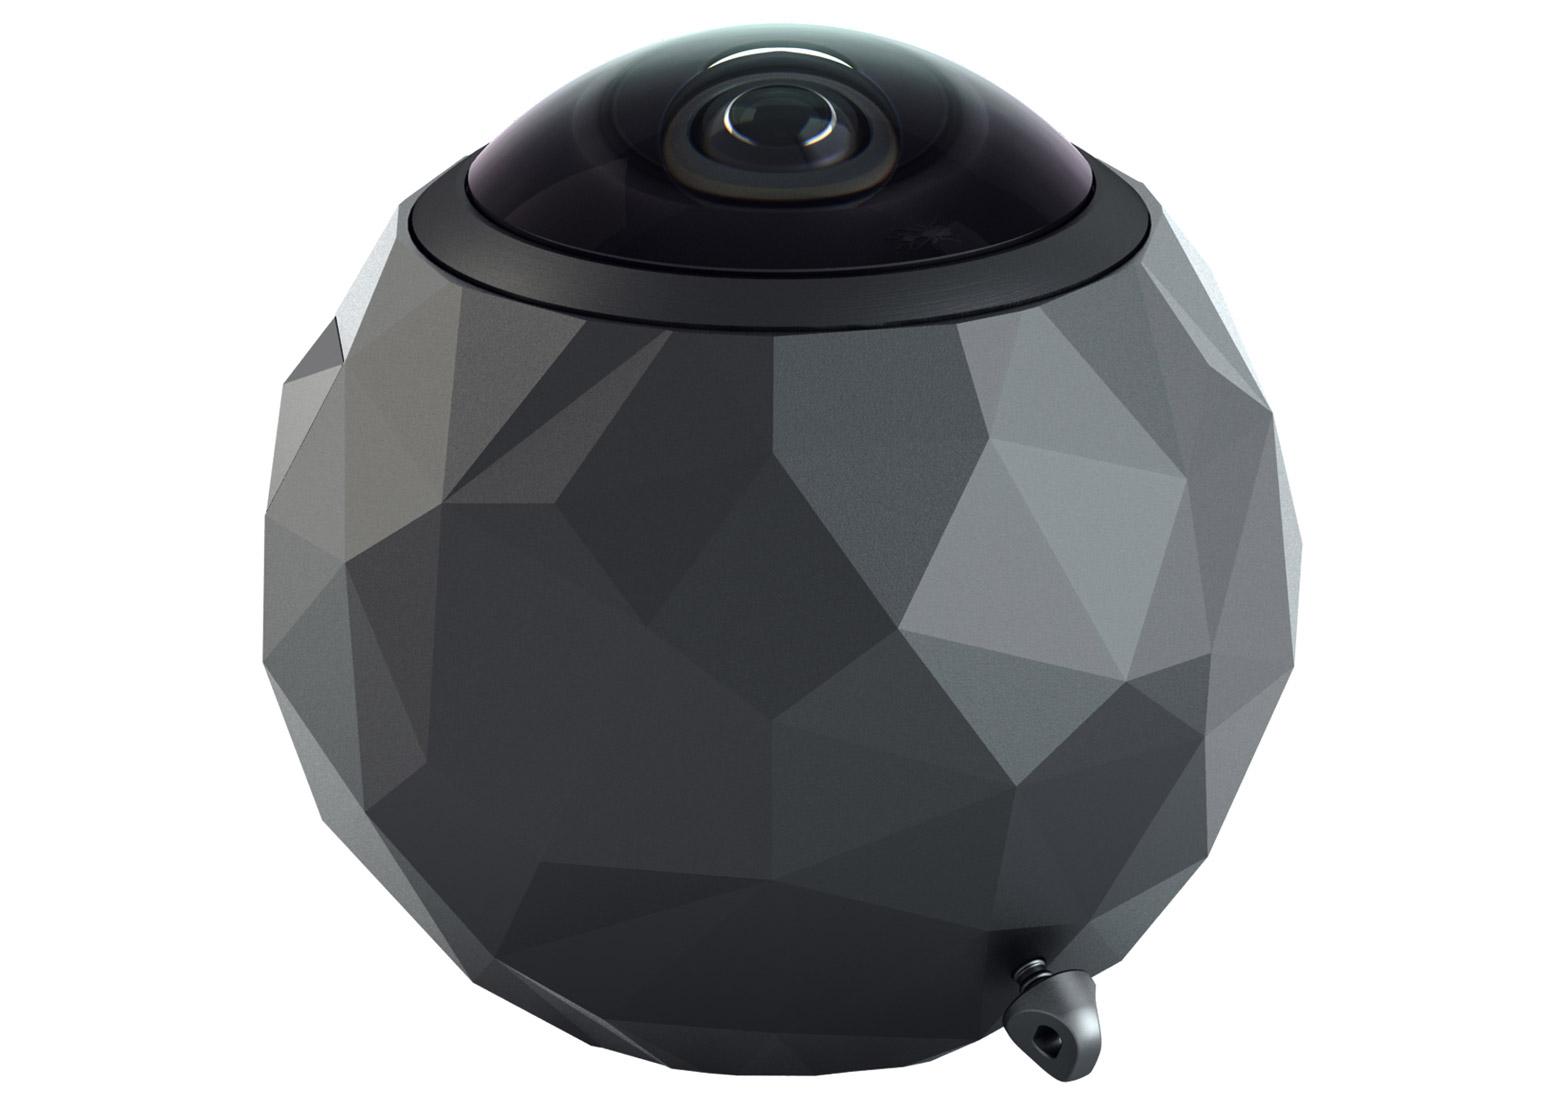 360fly spherical lens